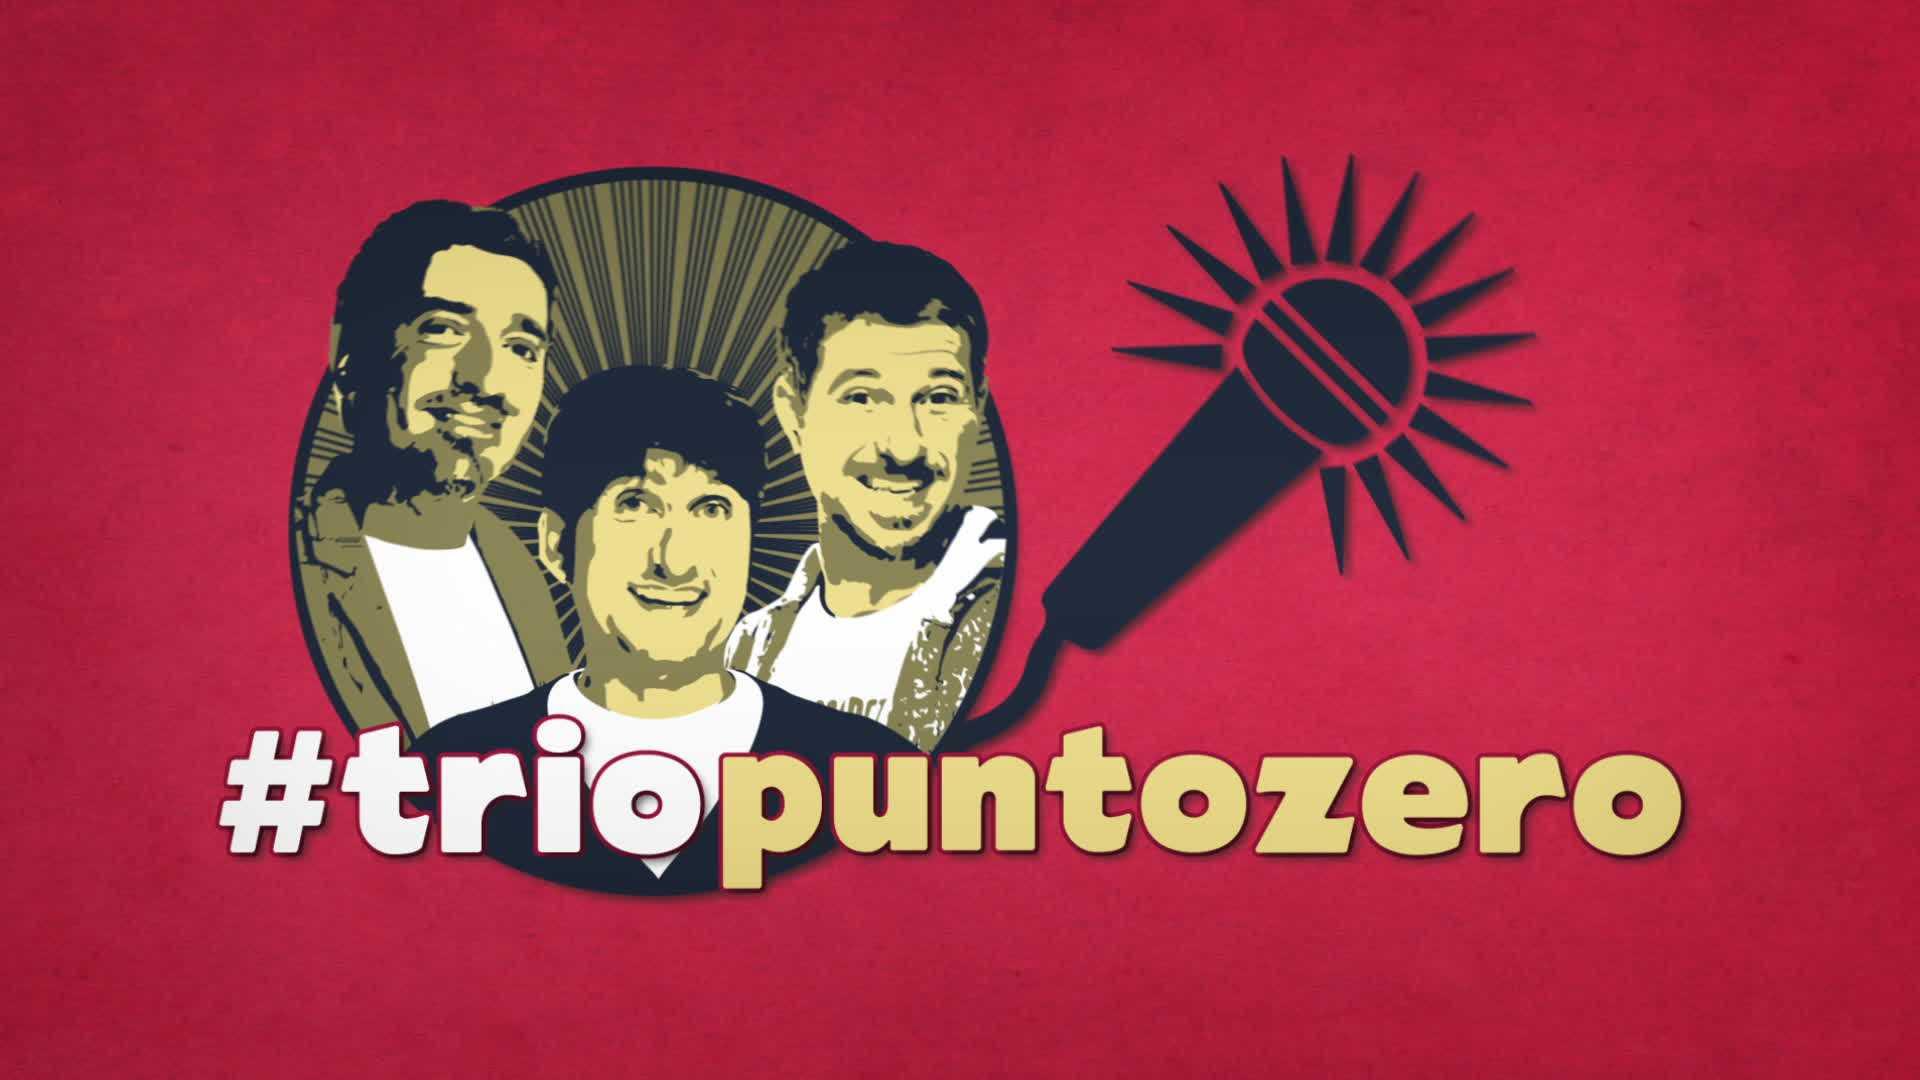 Il Trio Medusa sbarca sul web con #triopuntozero  | Digitale terrestre: Dtti.it